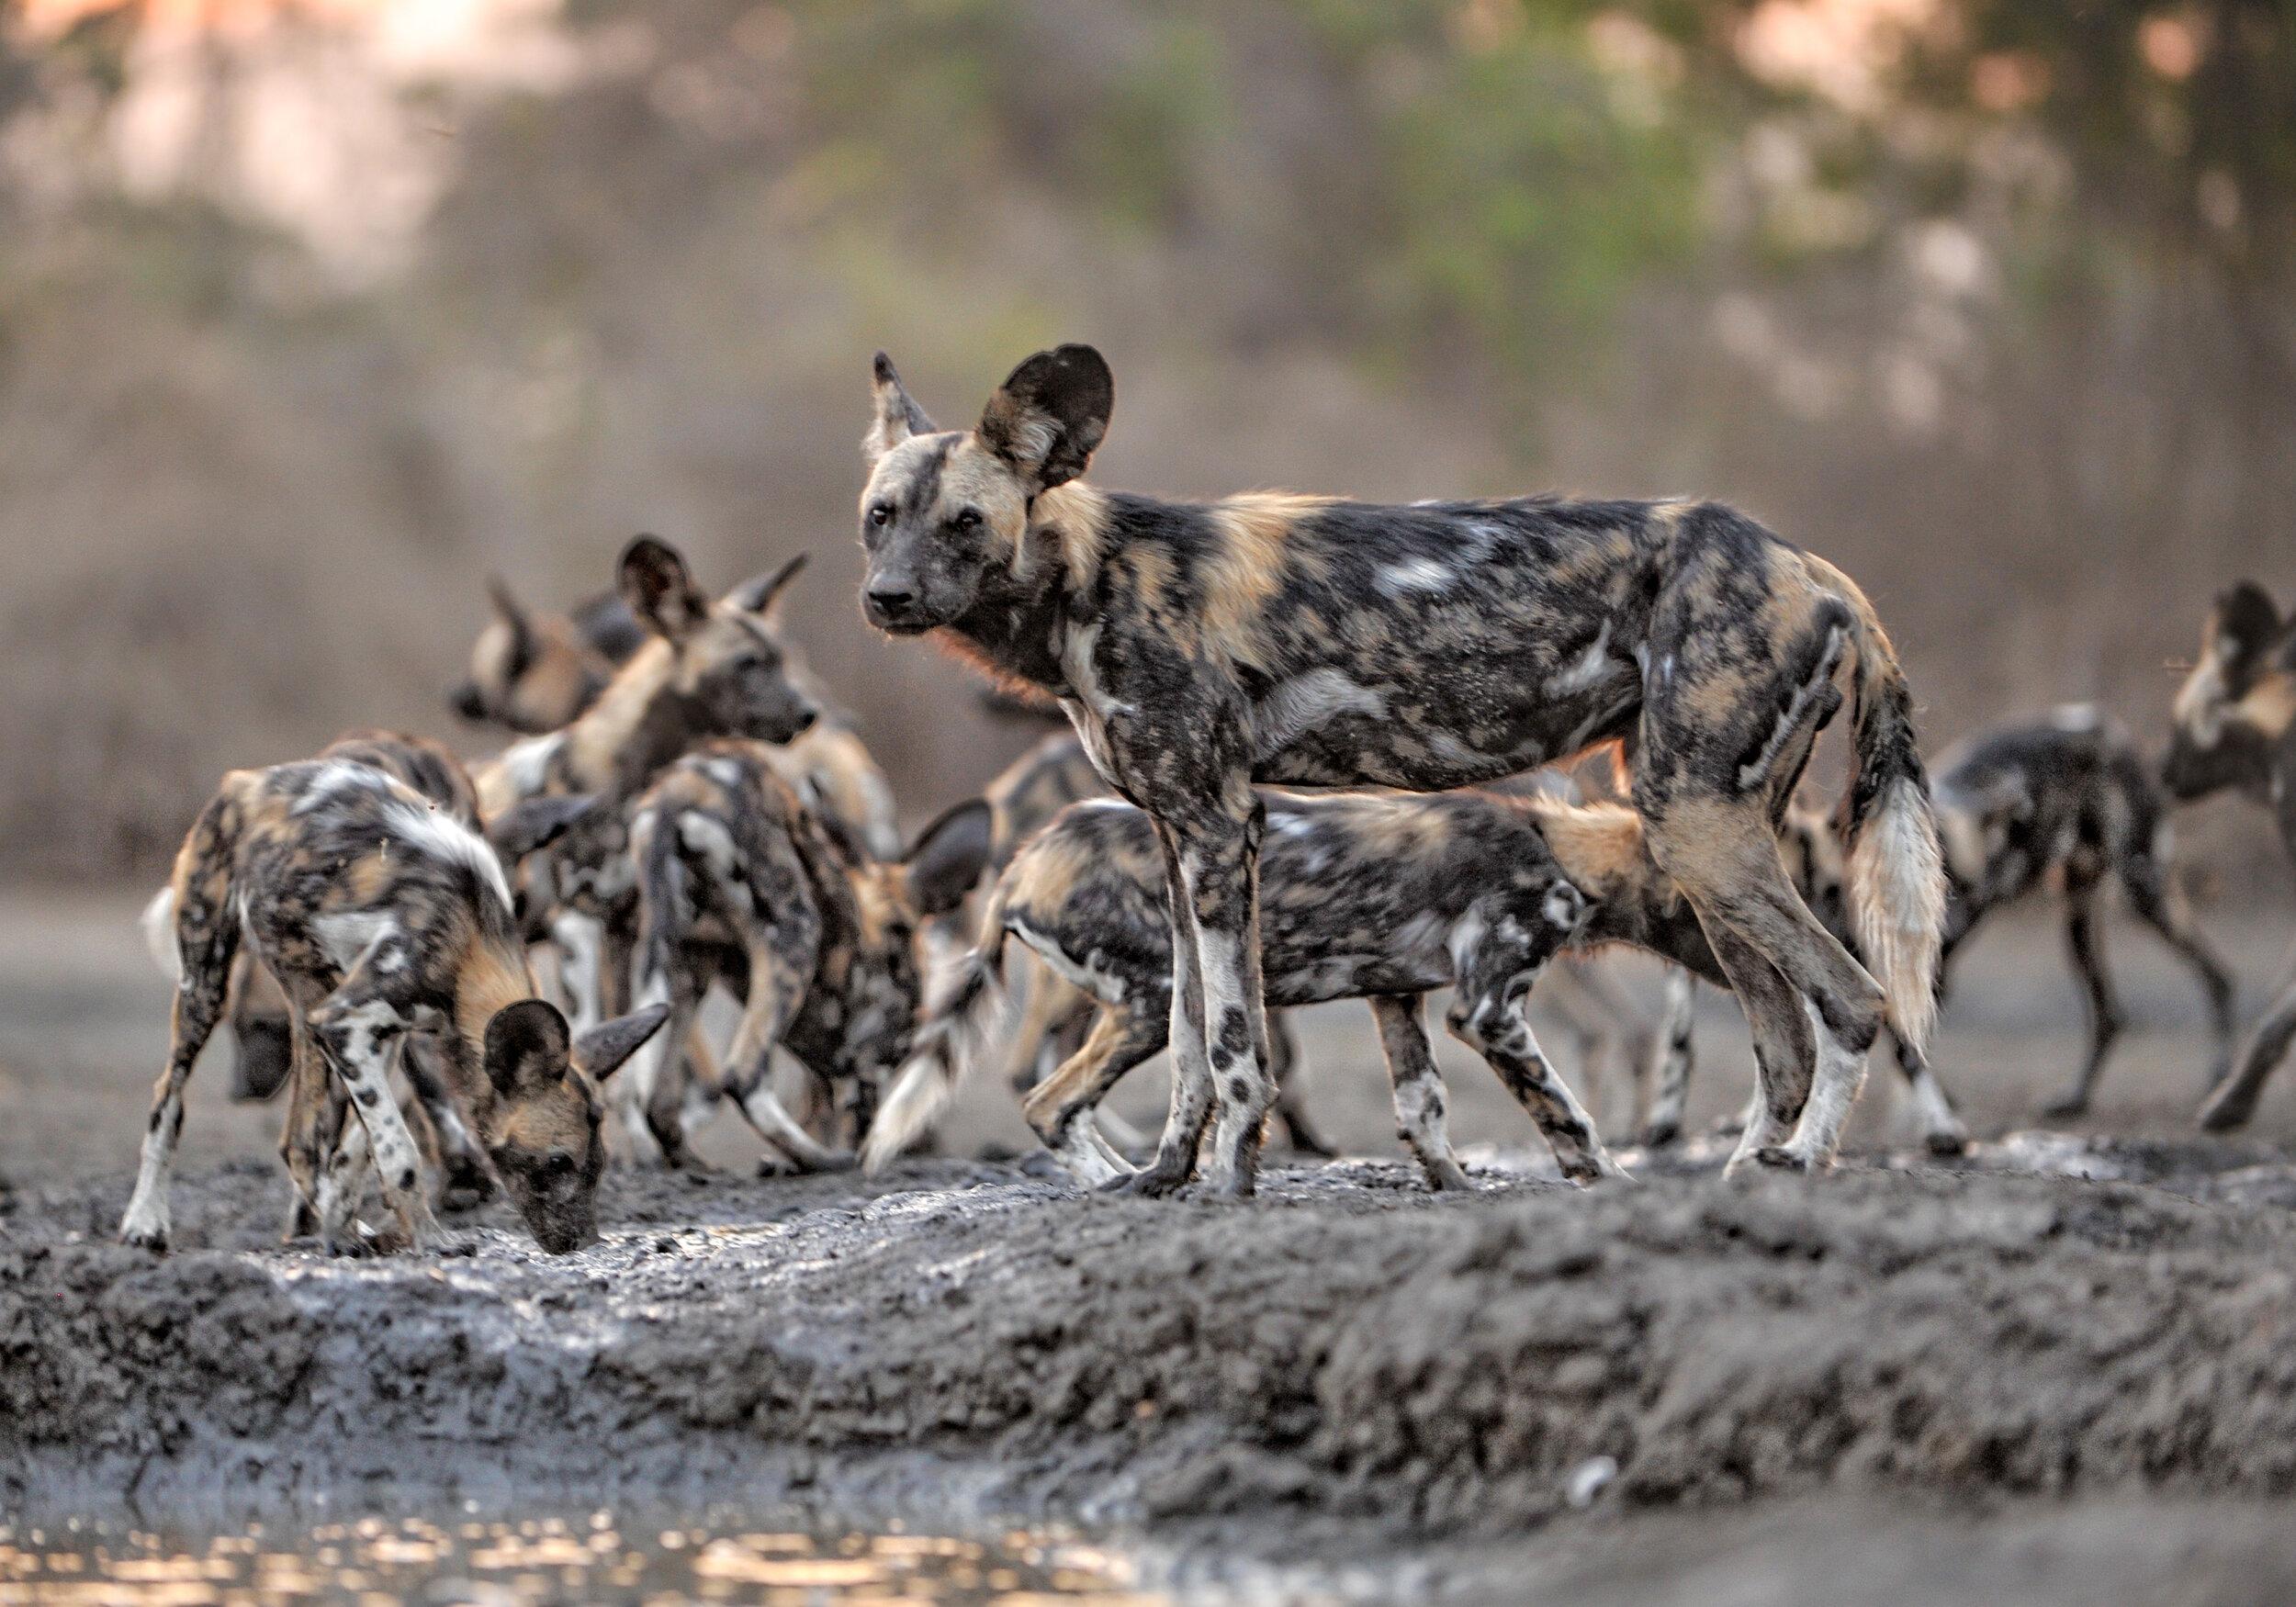 wilddogs_at_kanga_pan_kanga_camp_mana_pools_national_park_zimbabwe_wildlife_safari_african_bush_camps_2.jpg